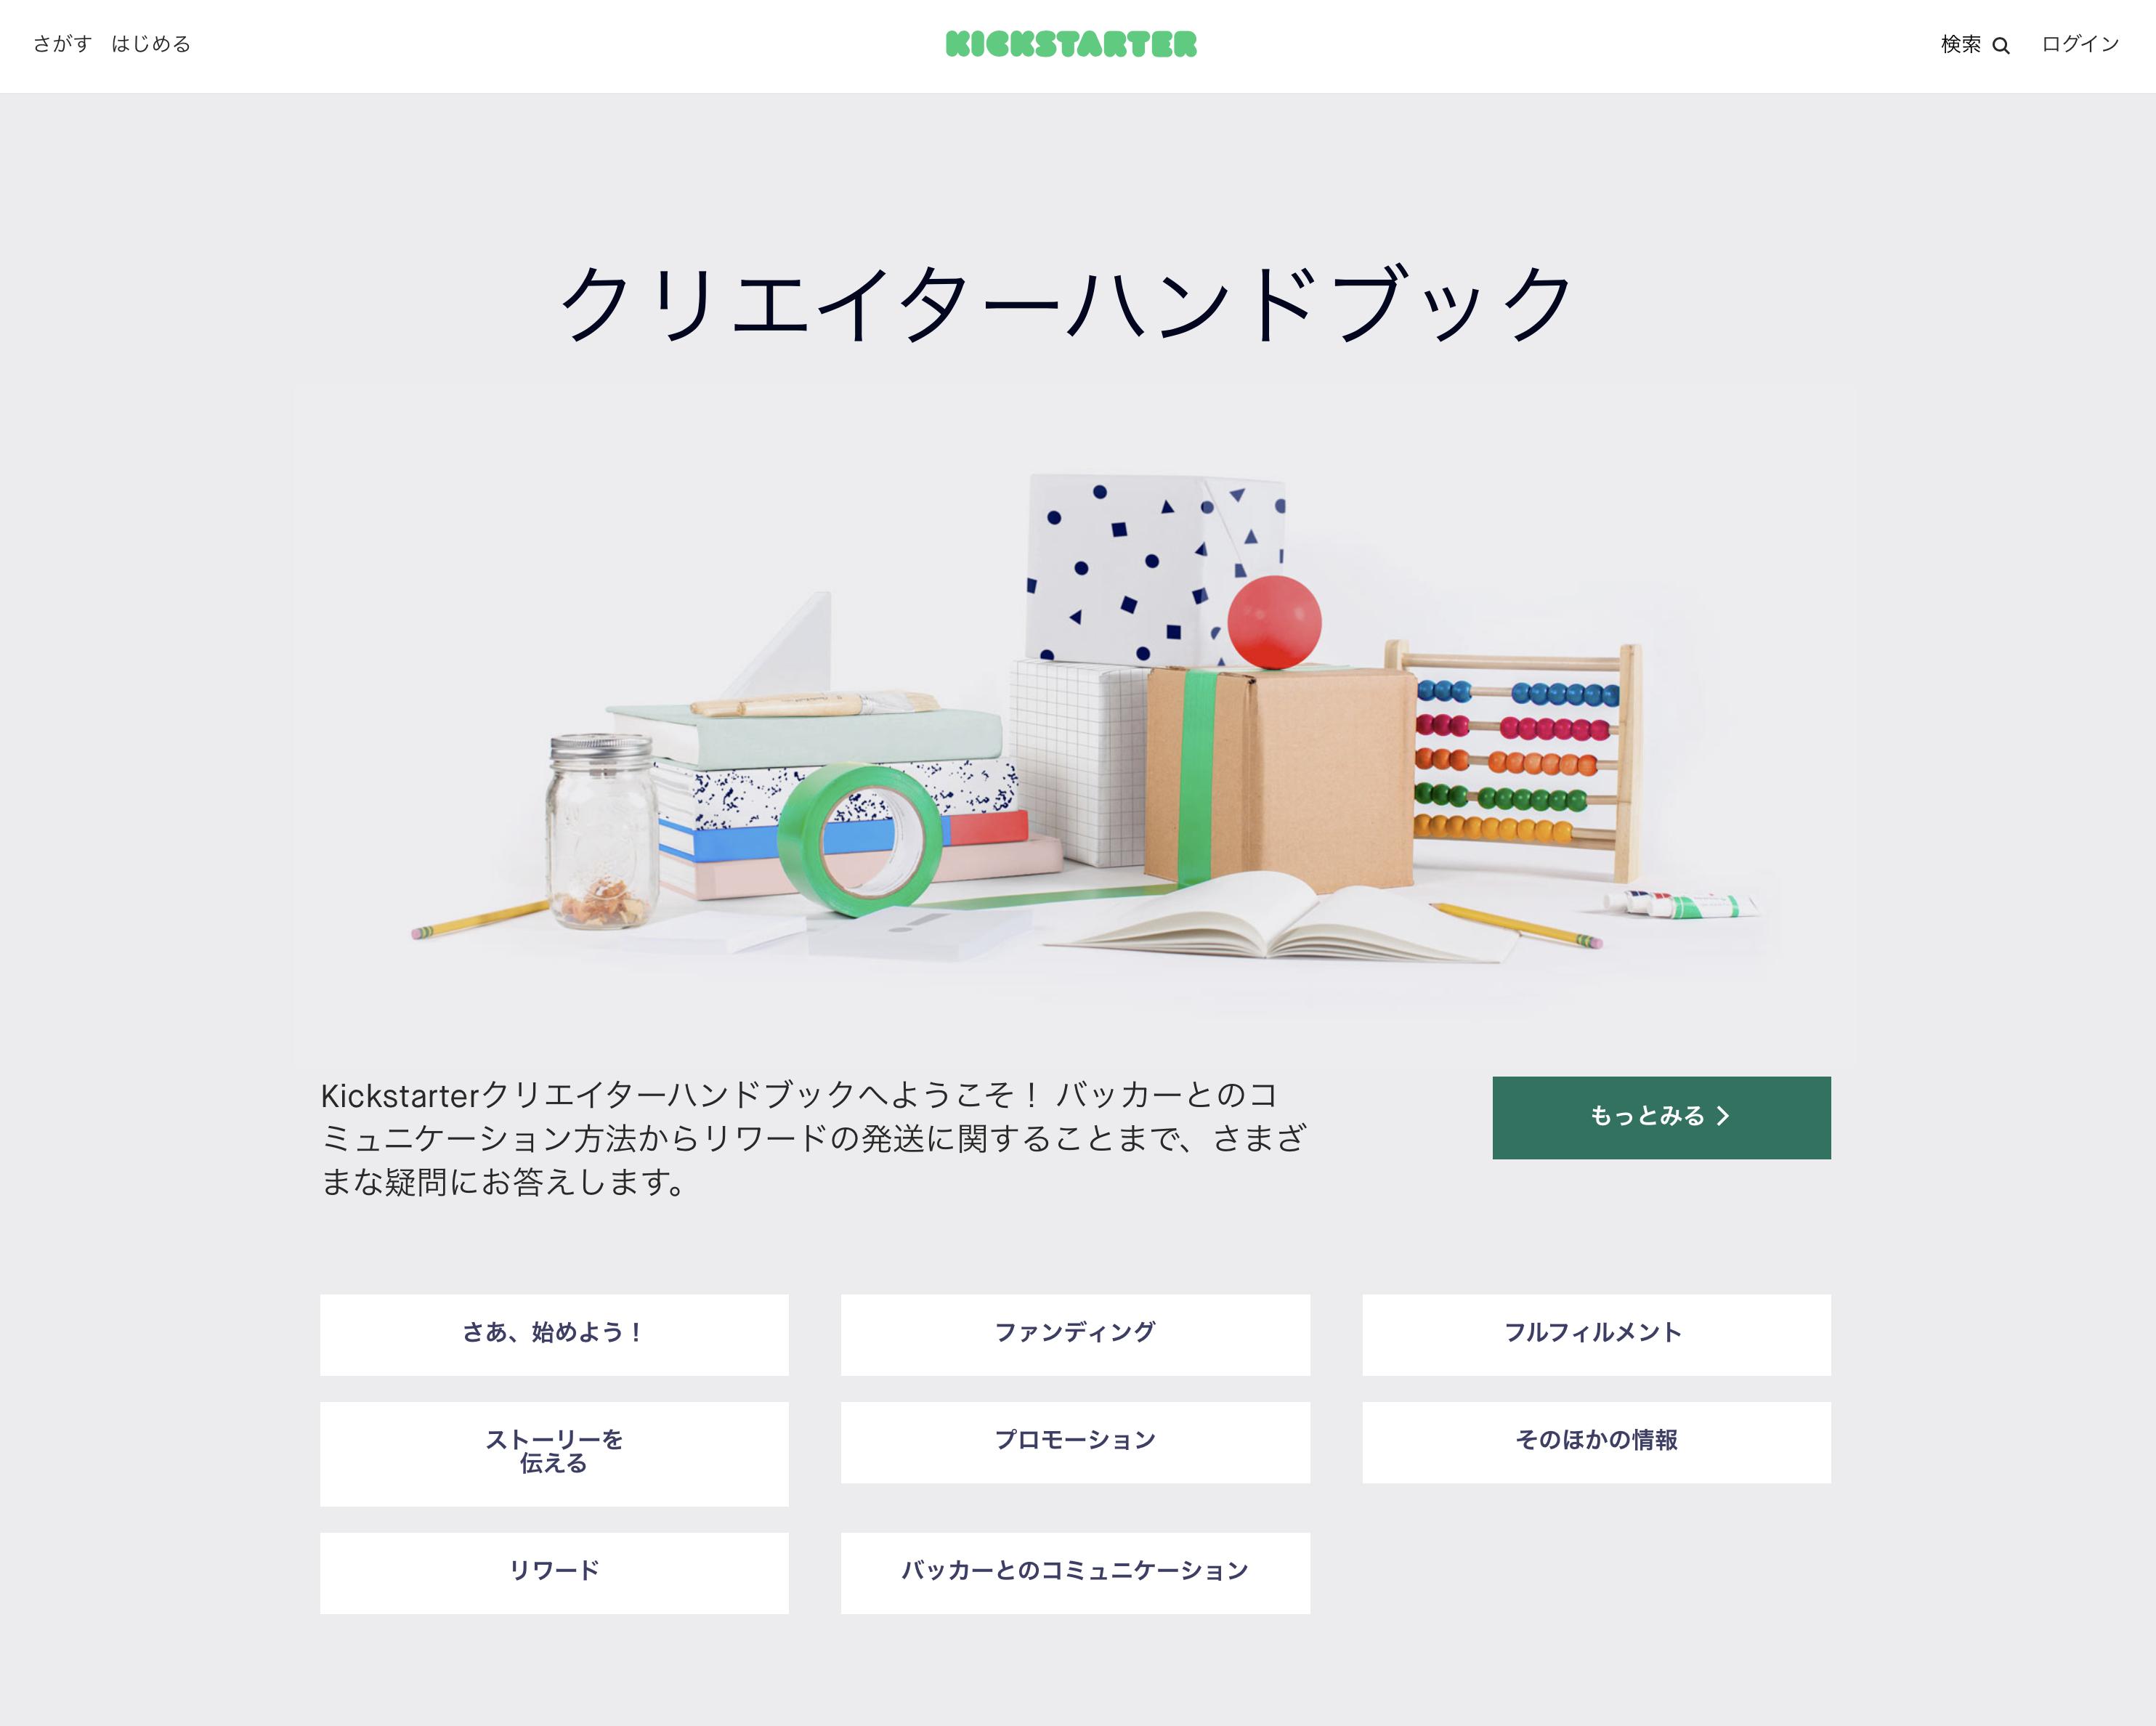 キックスターター日本語版の参加方法